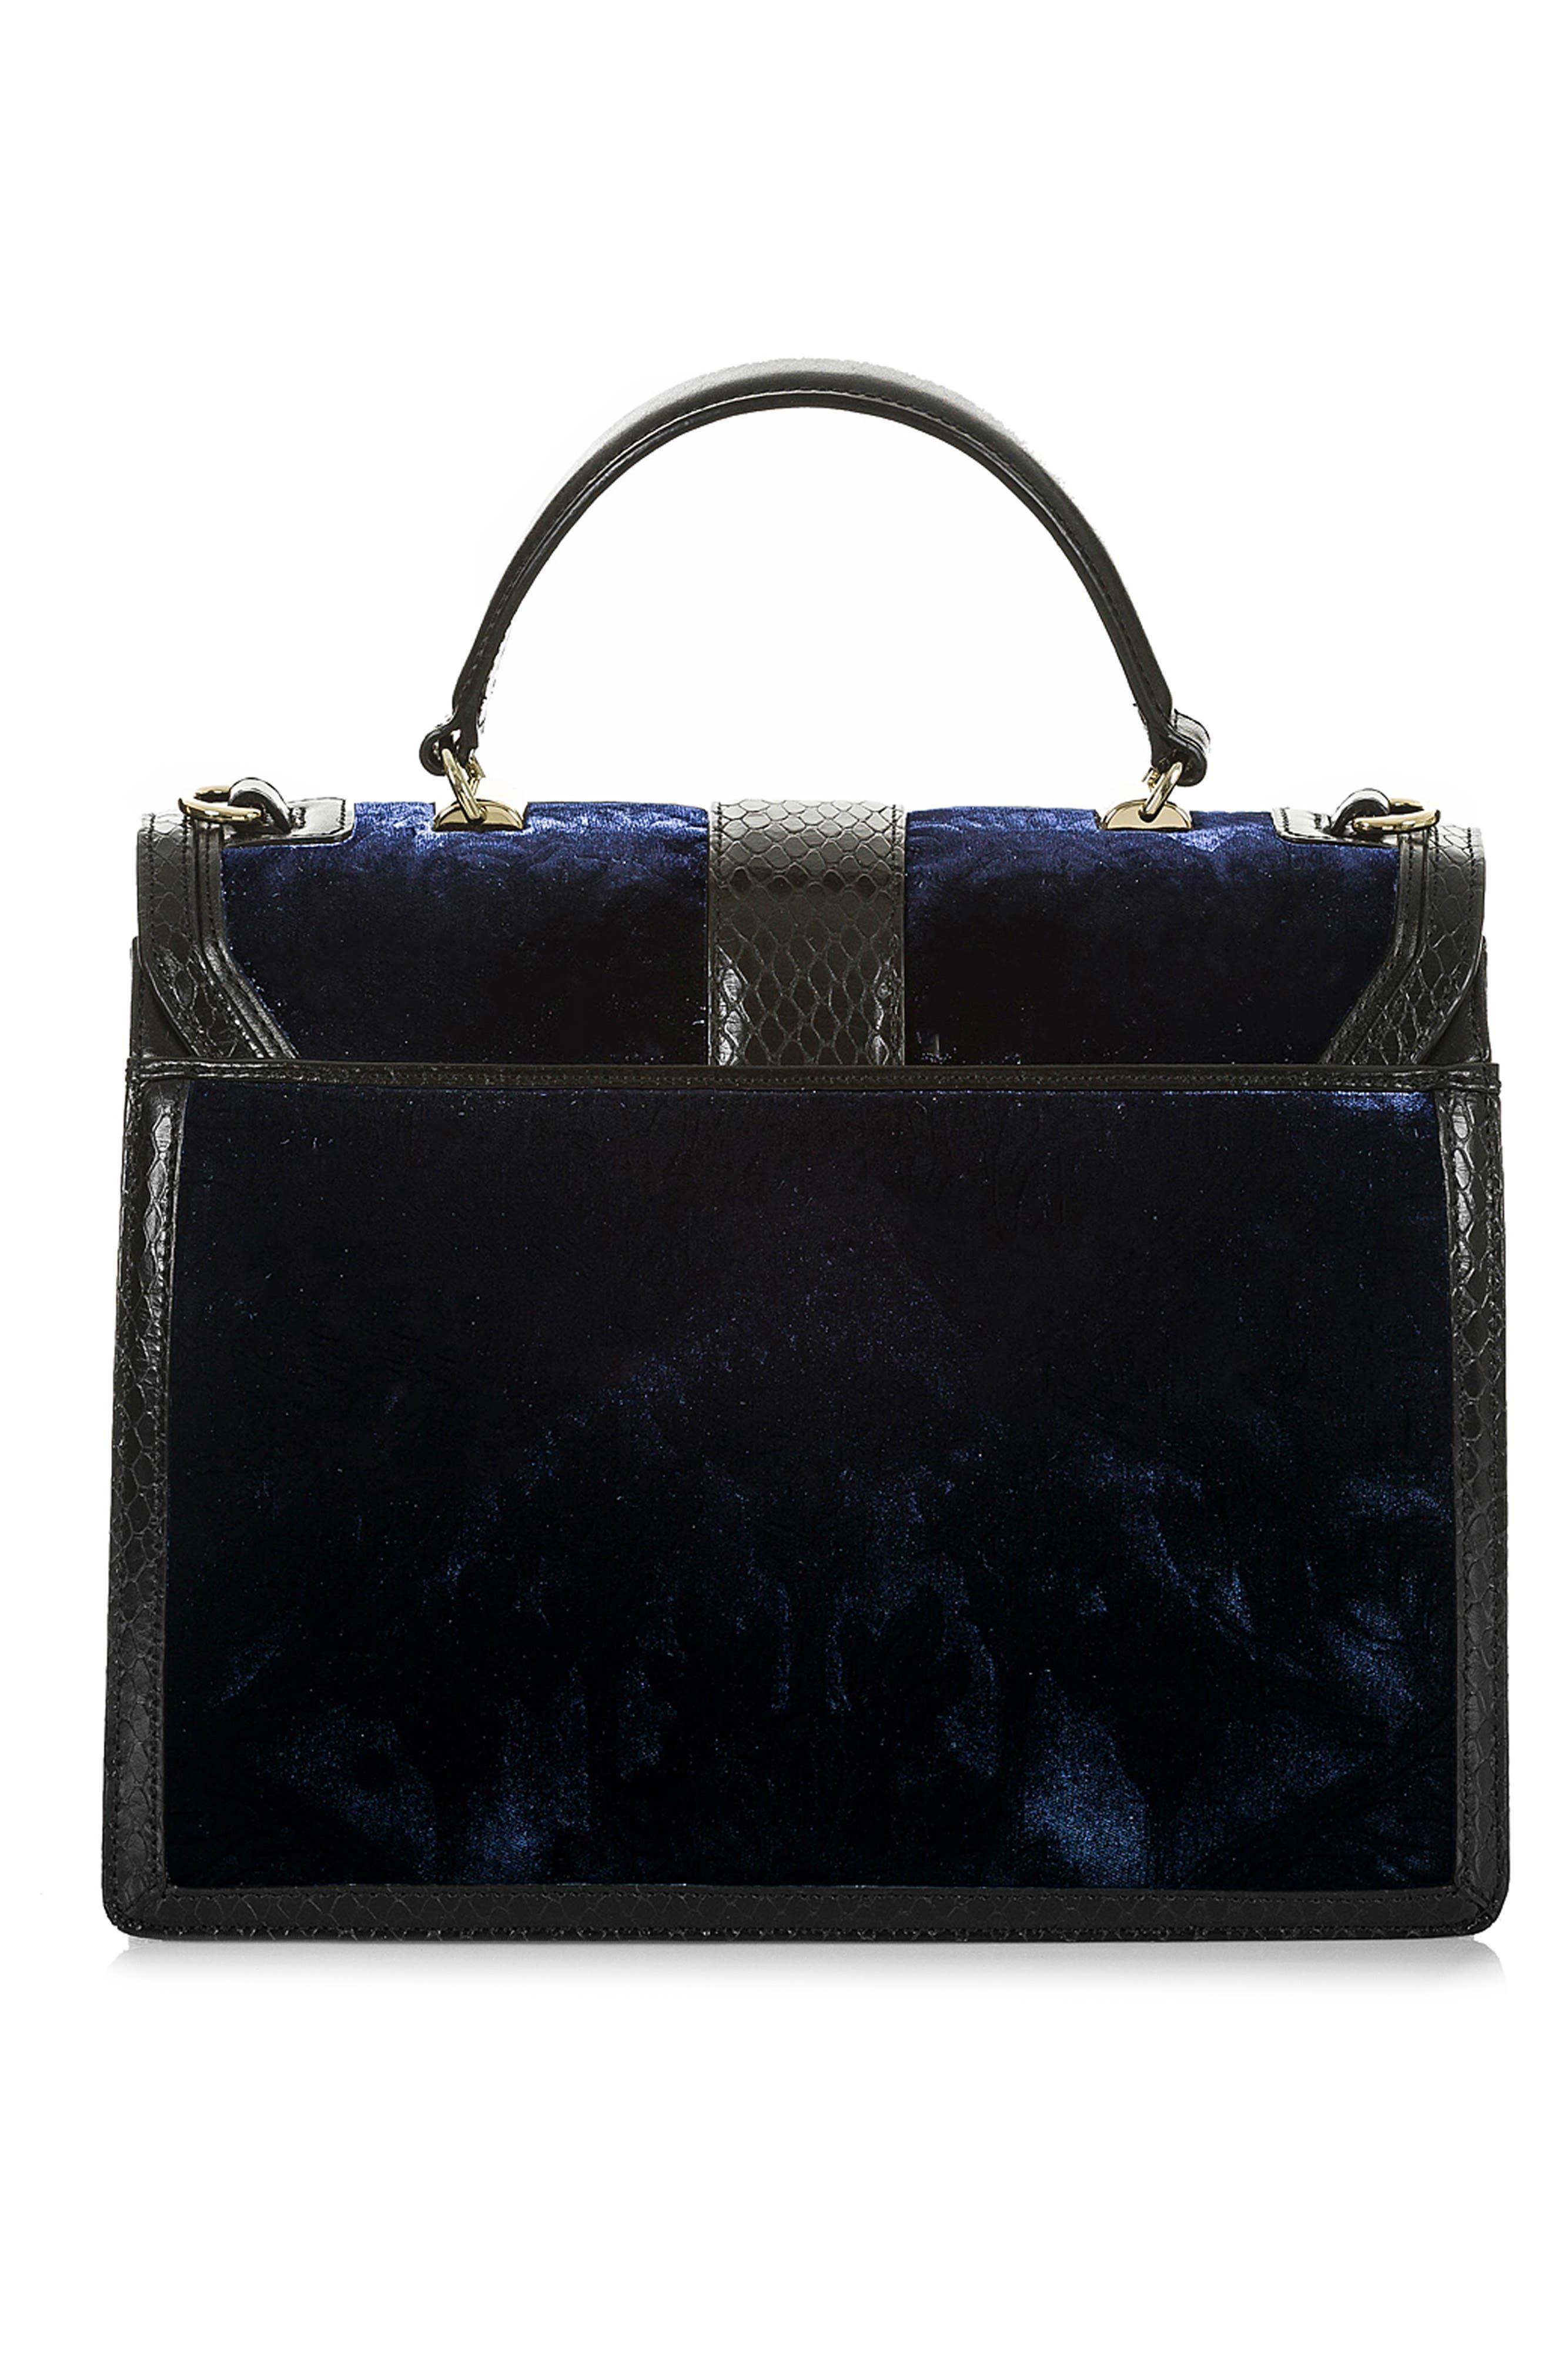 BRAHMIN, Medium Francine Snake Embossed Leather & Velvet Satchel, Alternate thumbnail 2, color, NAVY